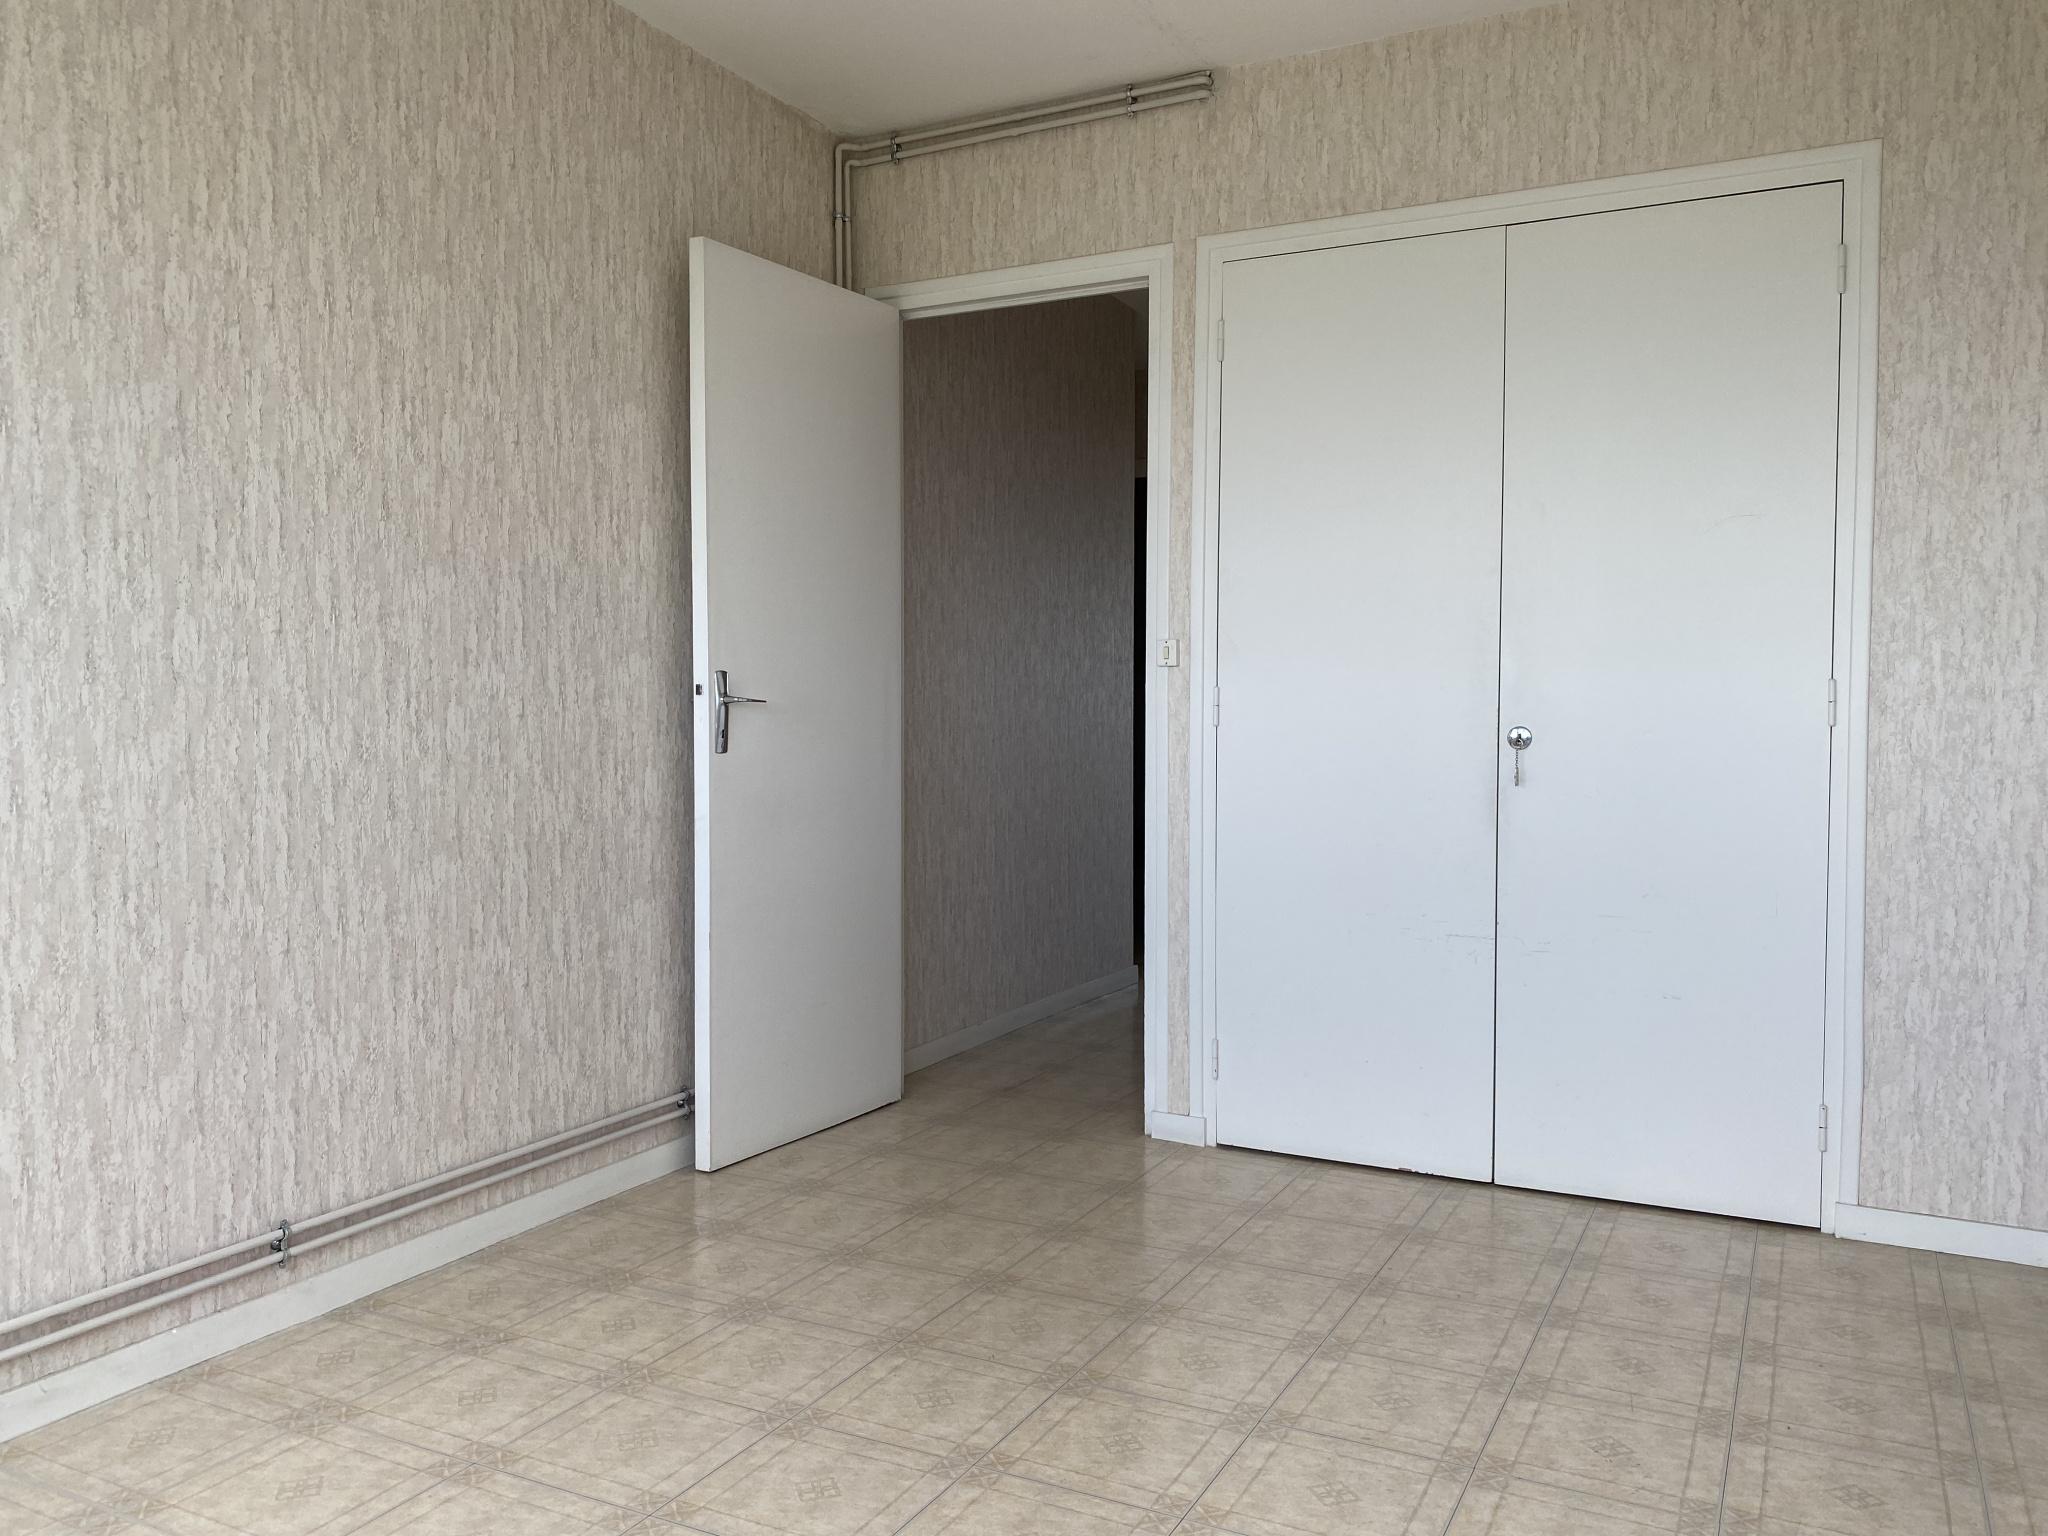 appartement la rochelle APPARTEMENT DE TYPE 4 AVEC CAVE ET STATIONNEMENT